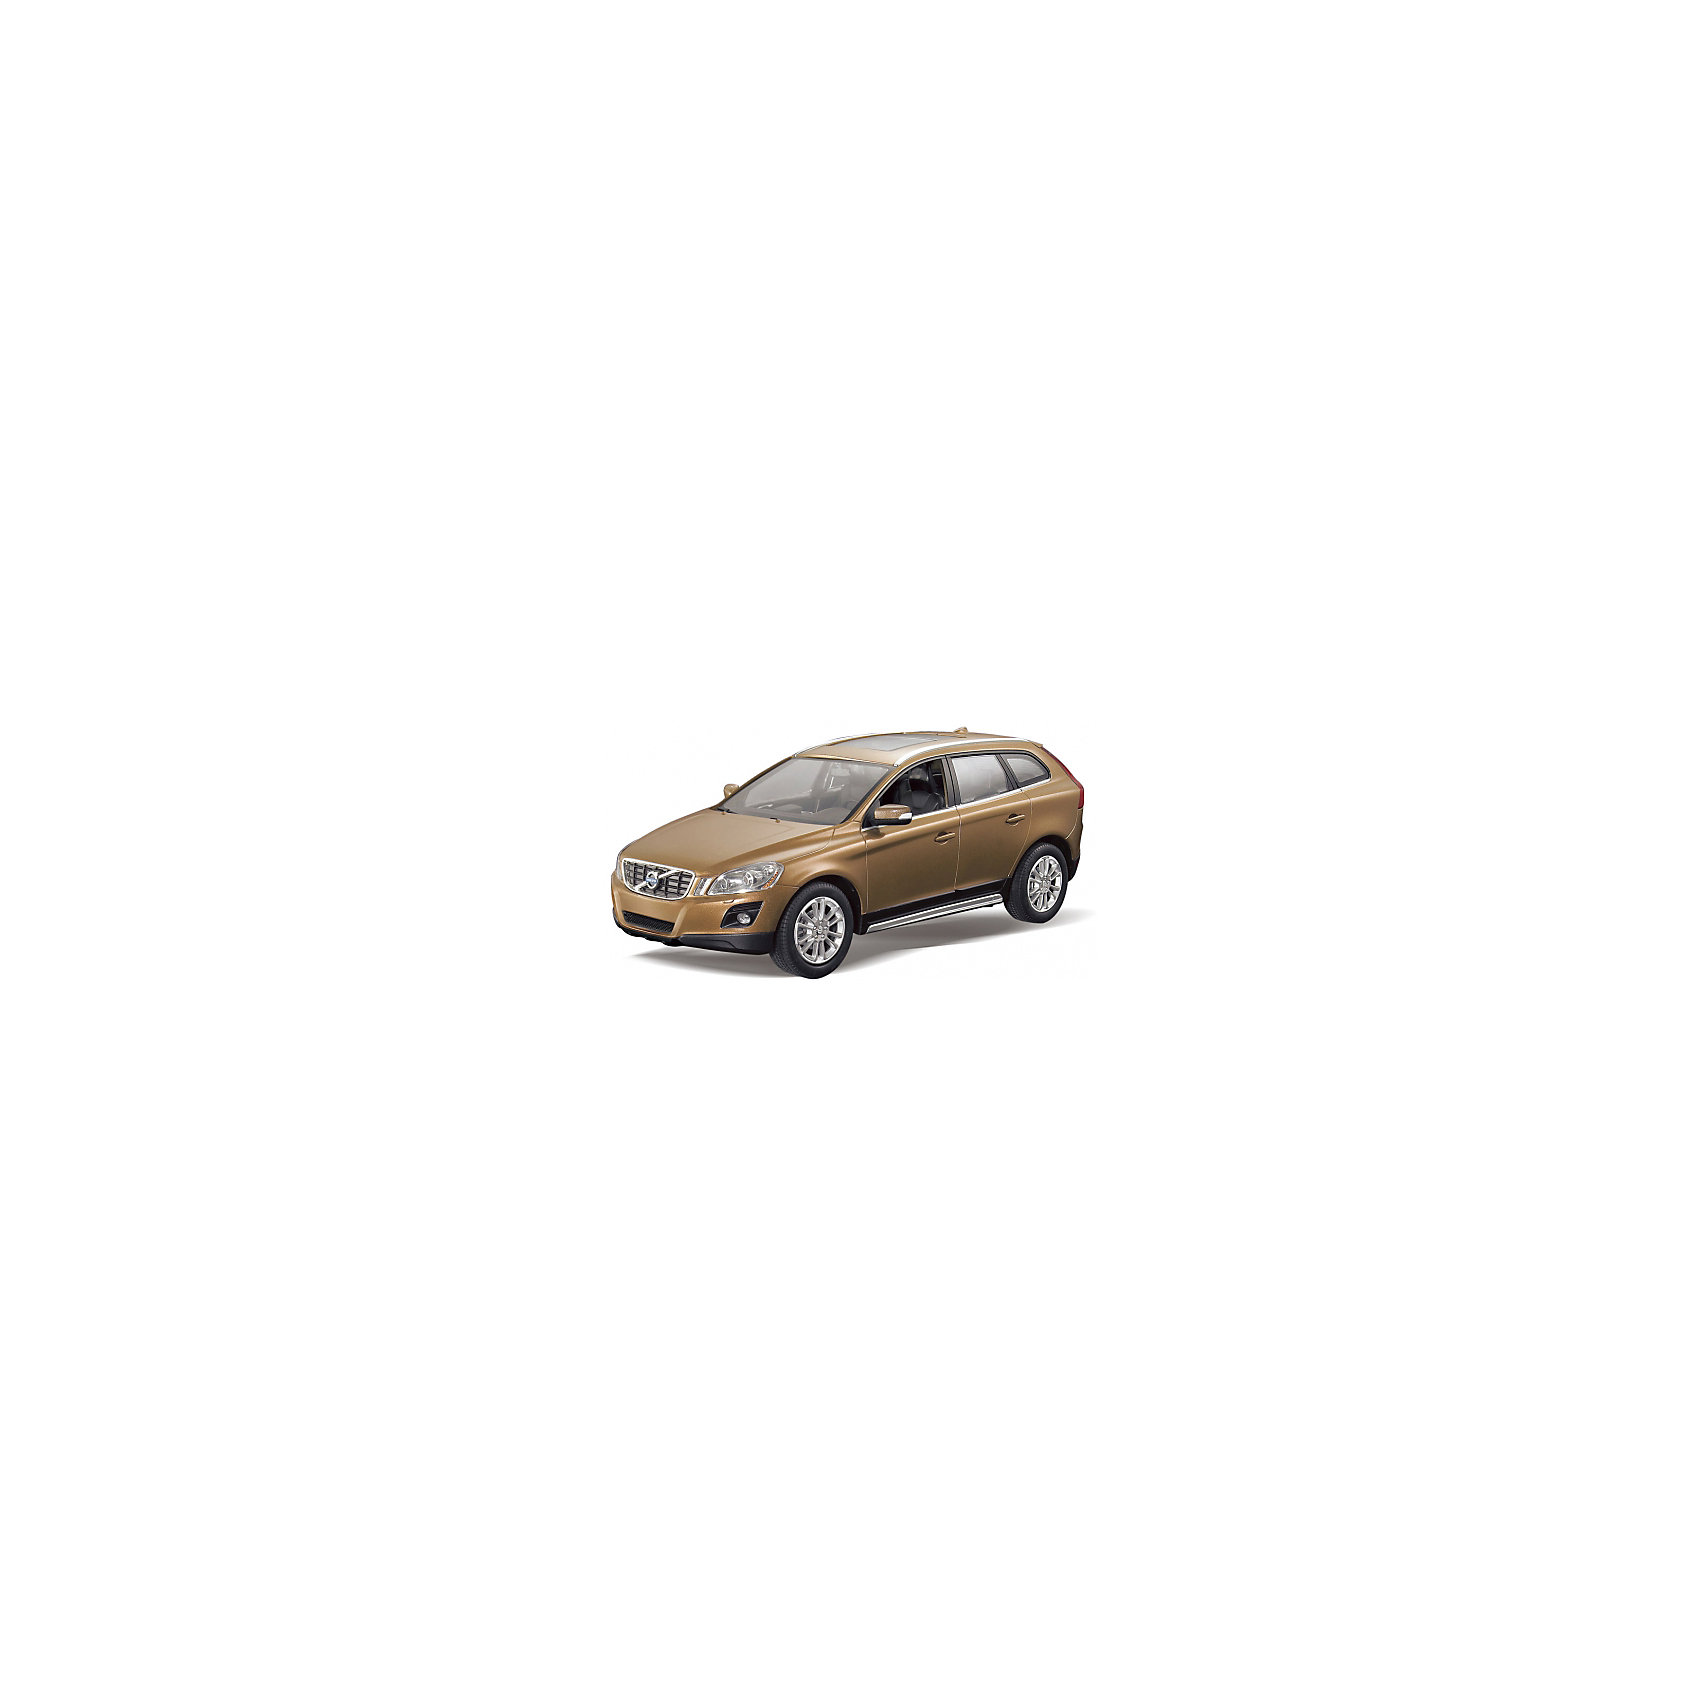 RASTAR Радиоуправляемая машина Volvo XC60 1:14, коричневый